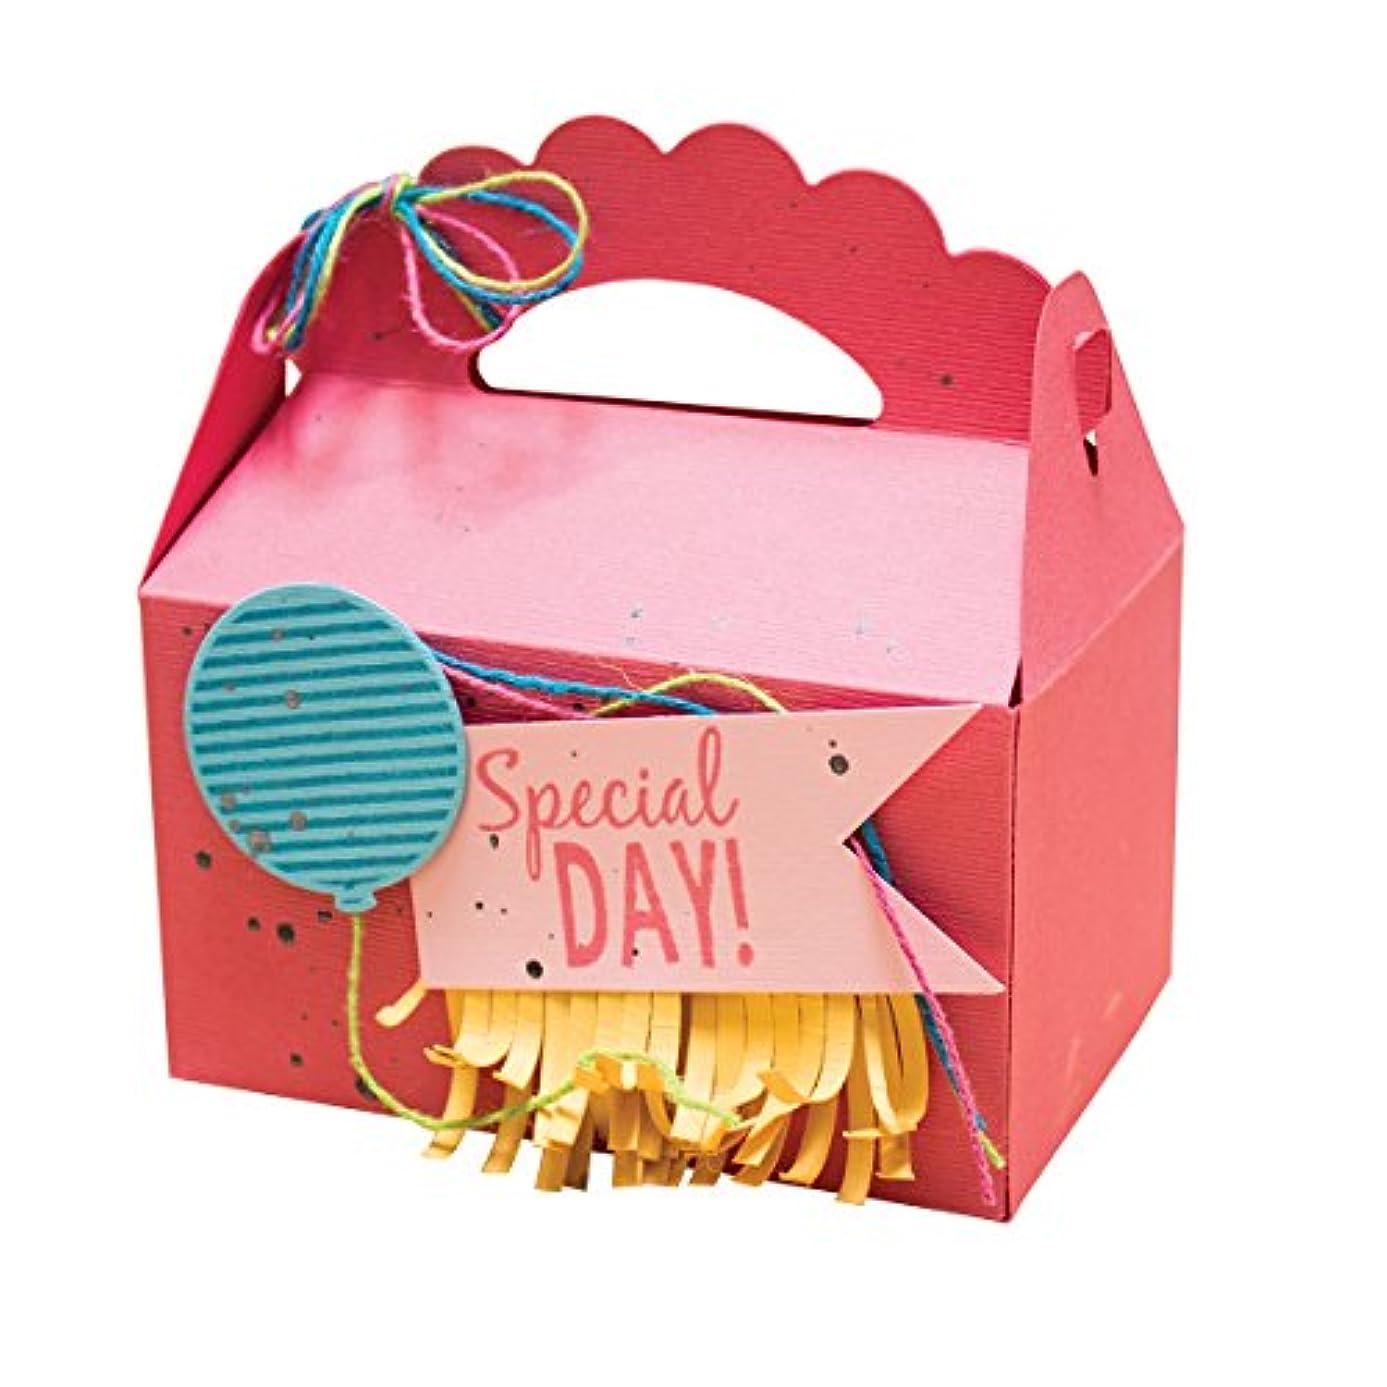 Spellbinders SCSD-014 Celebrations Special Day Stamp/Die Set